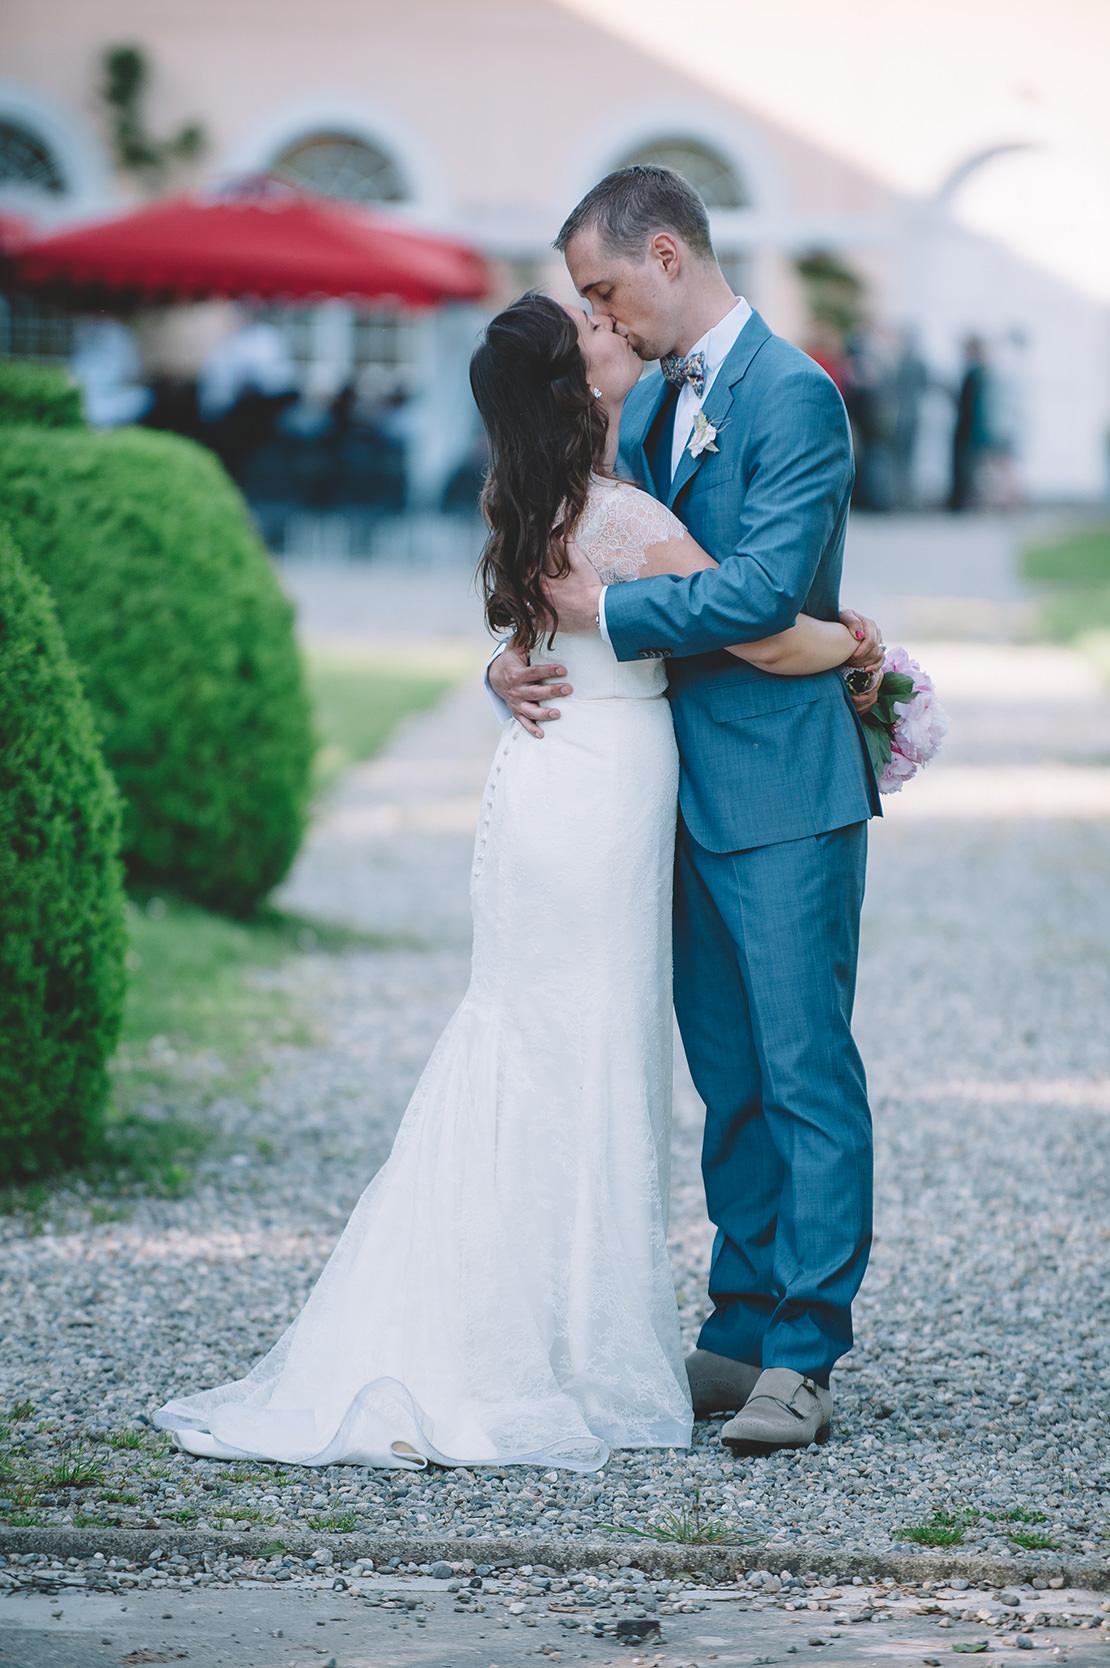 romantique-mariage-silvia&thomas-monika-breitenmoser-photographe-mariage-nyon-(231)